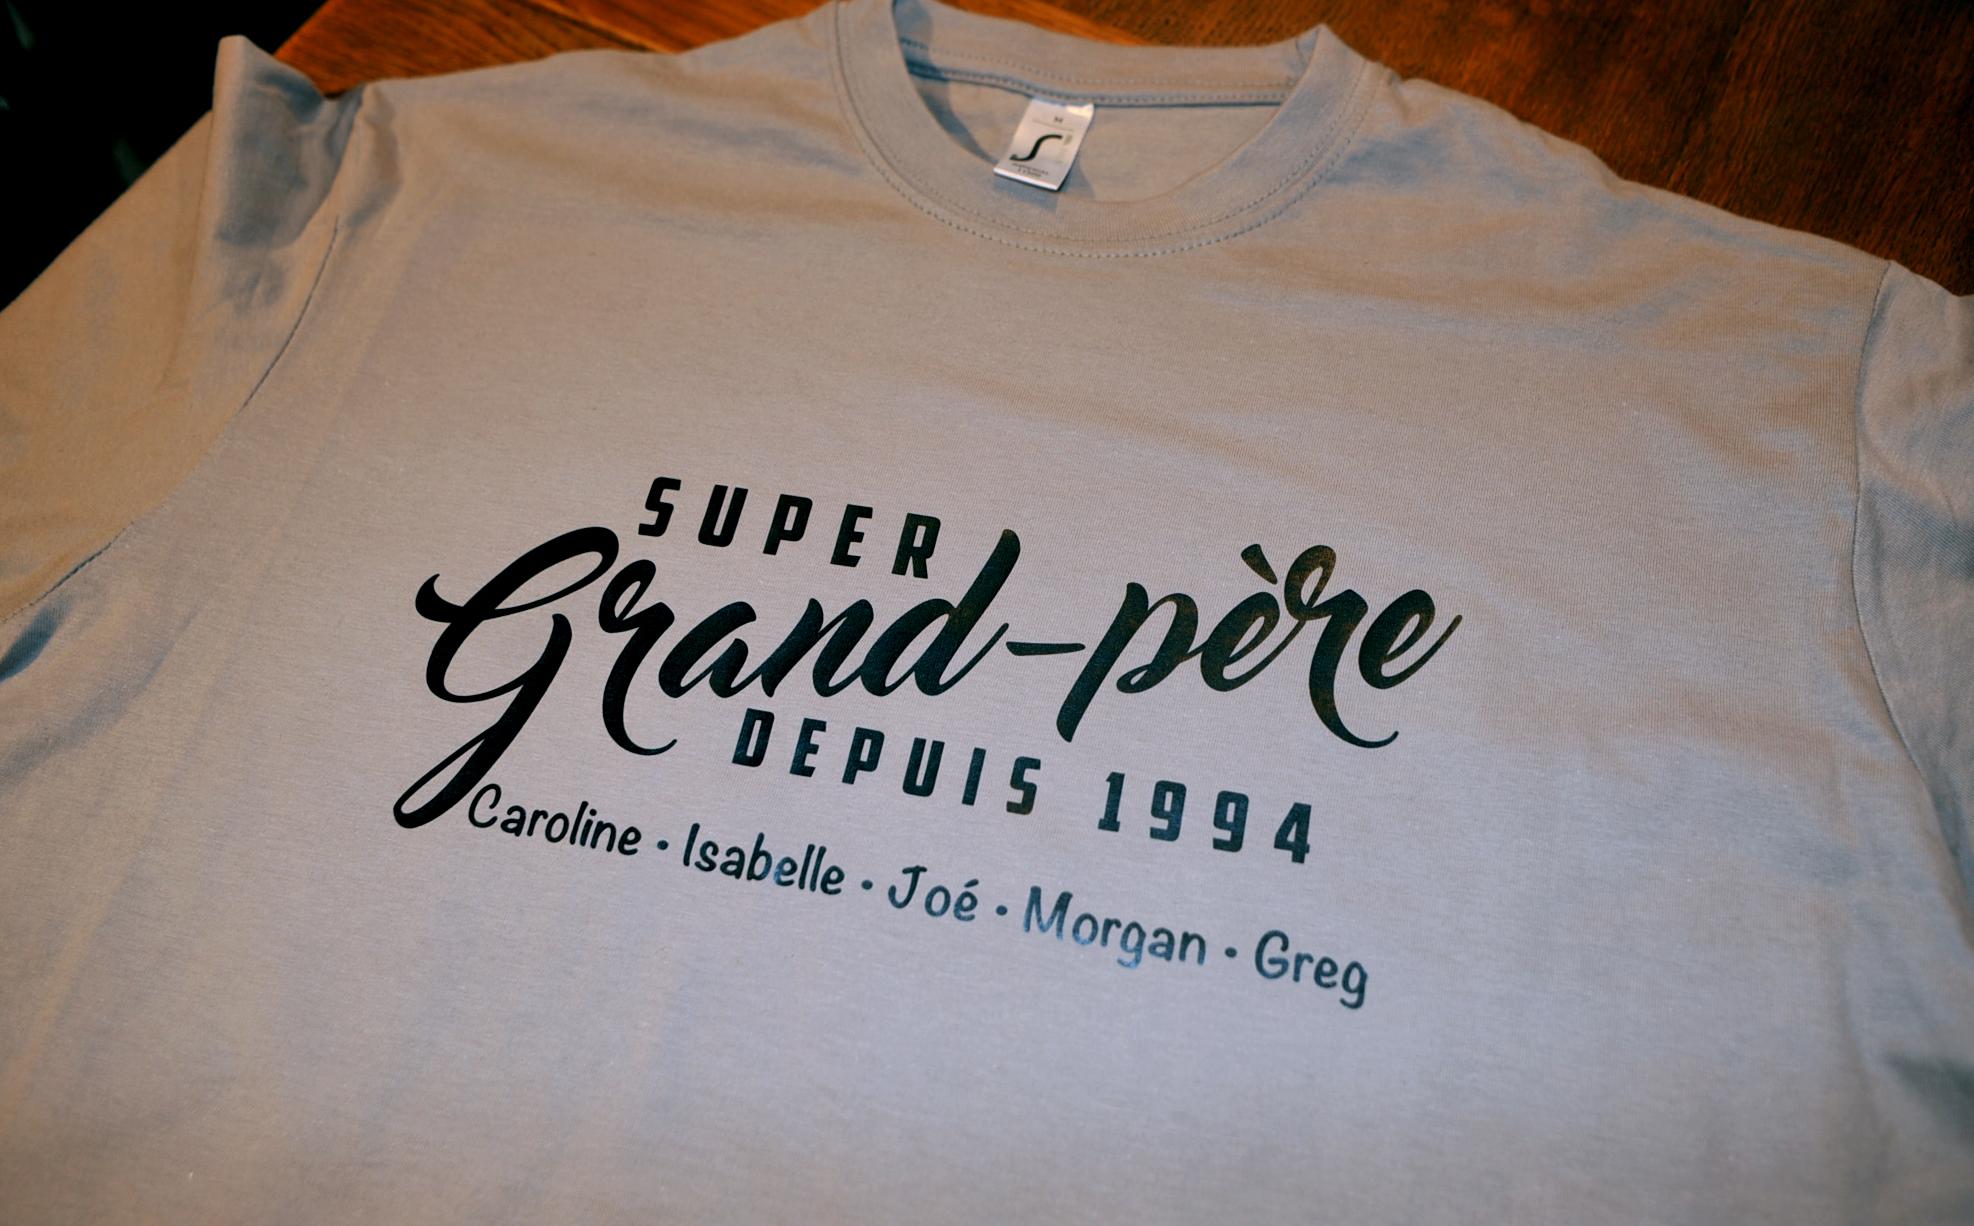 Flex_grand-pere_94